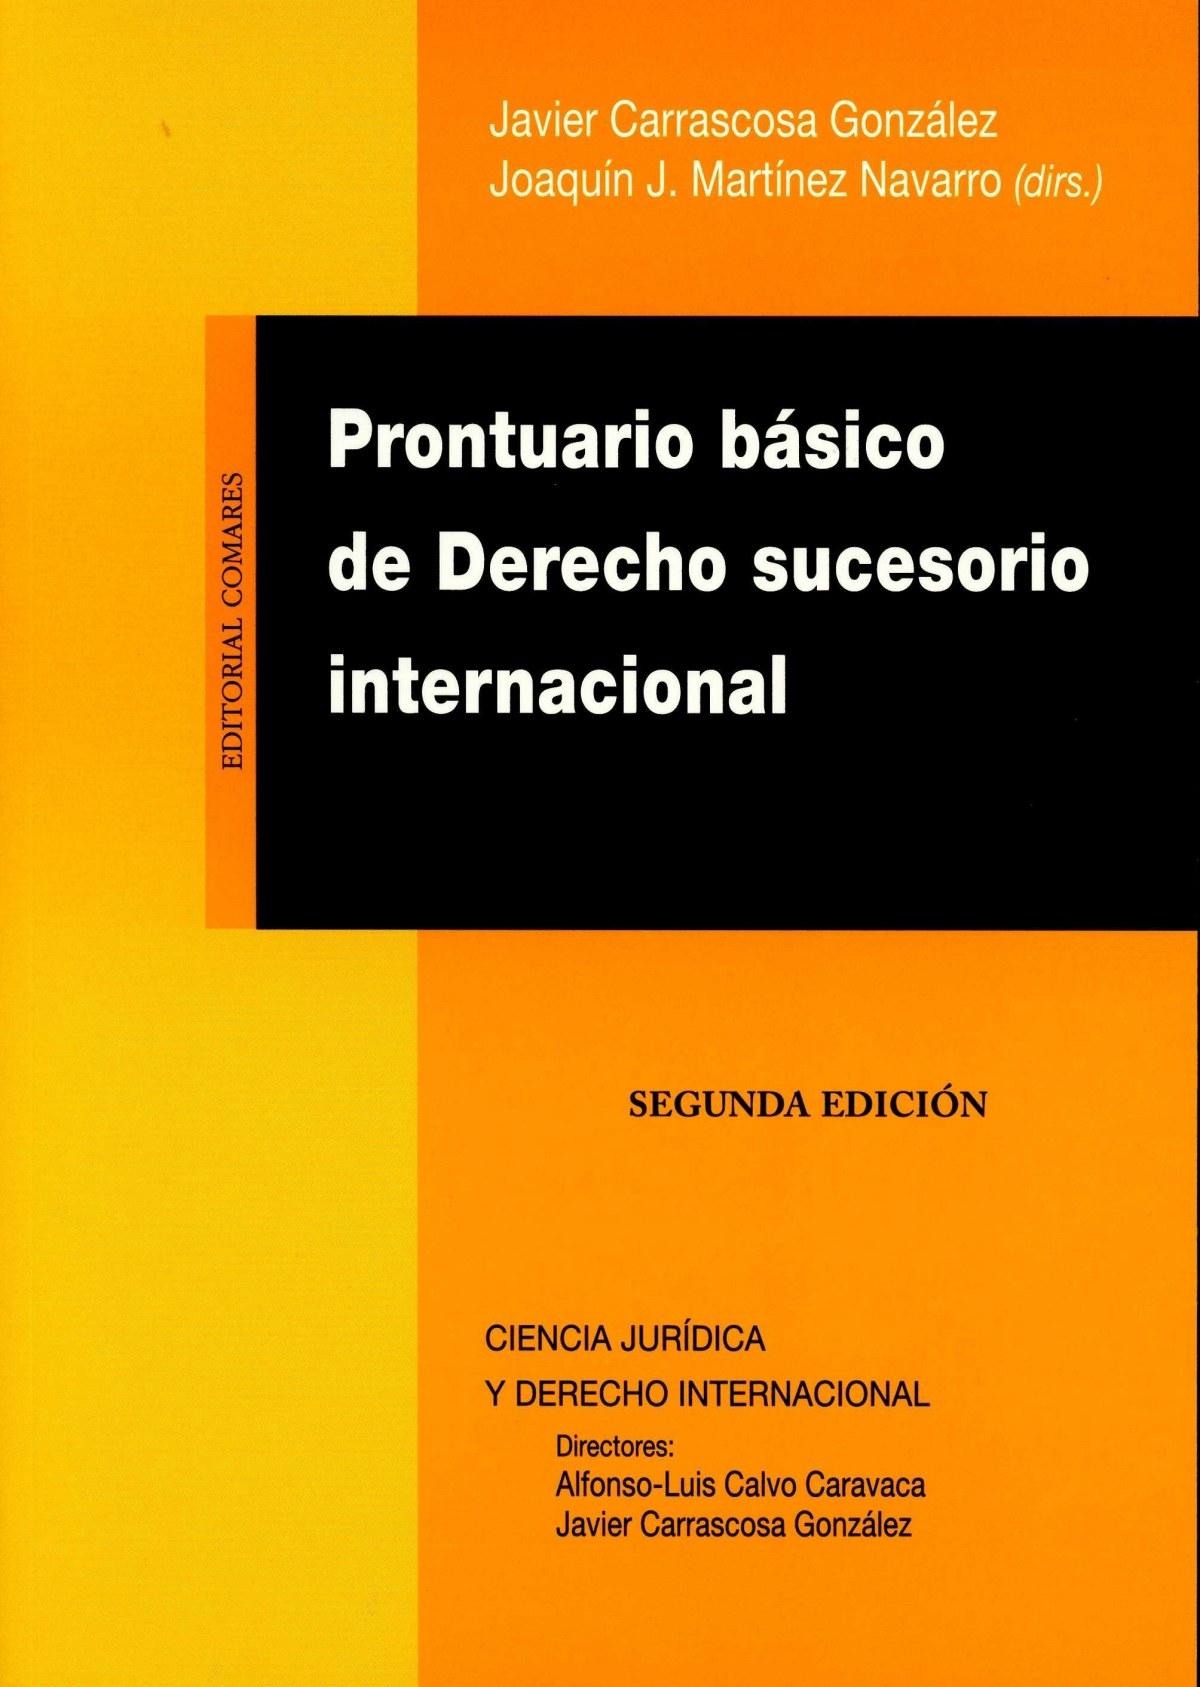 Prontuario bsico derecho sucesorio internacional